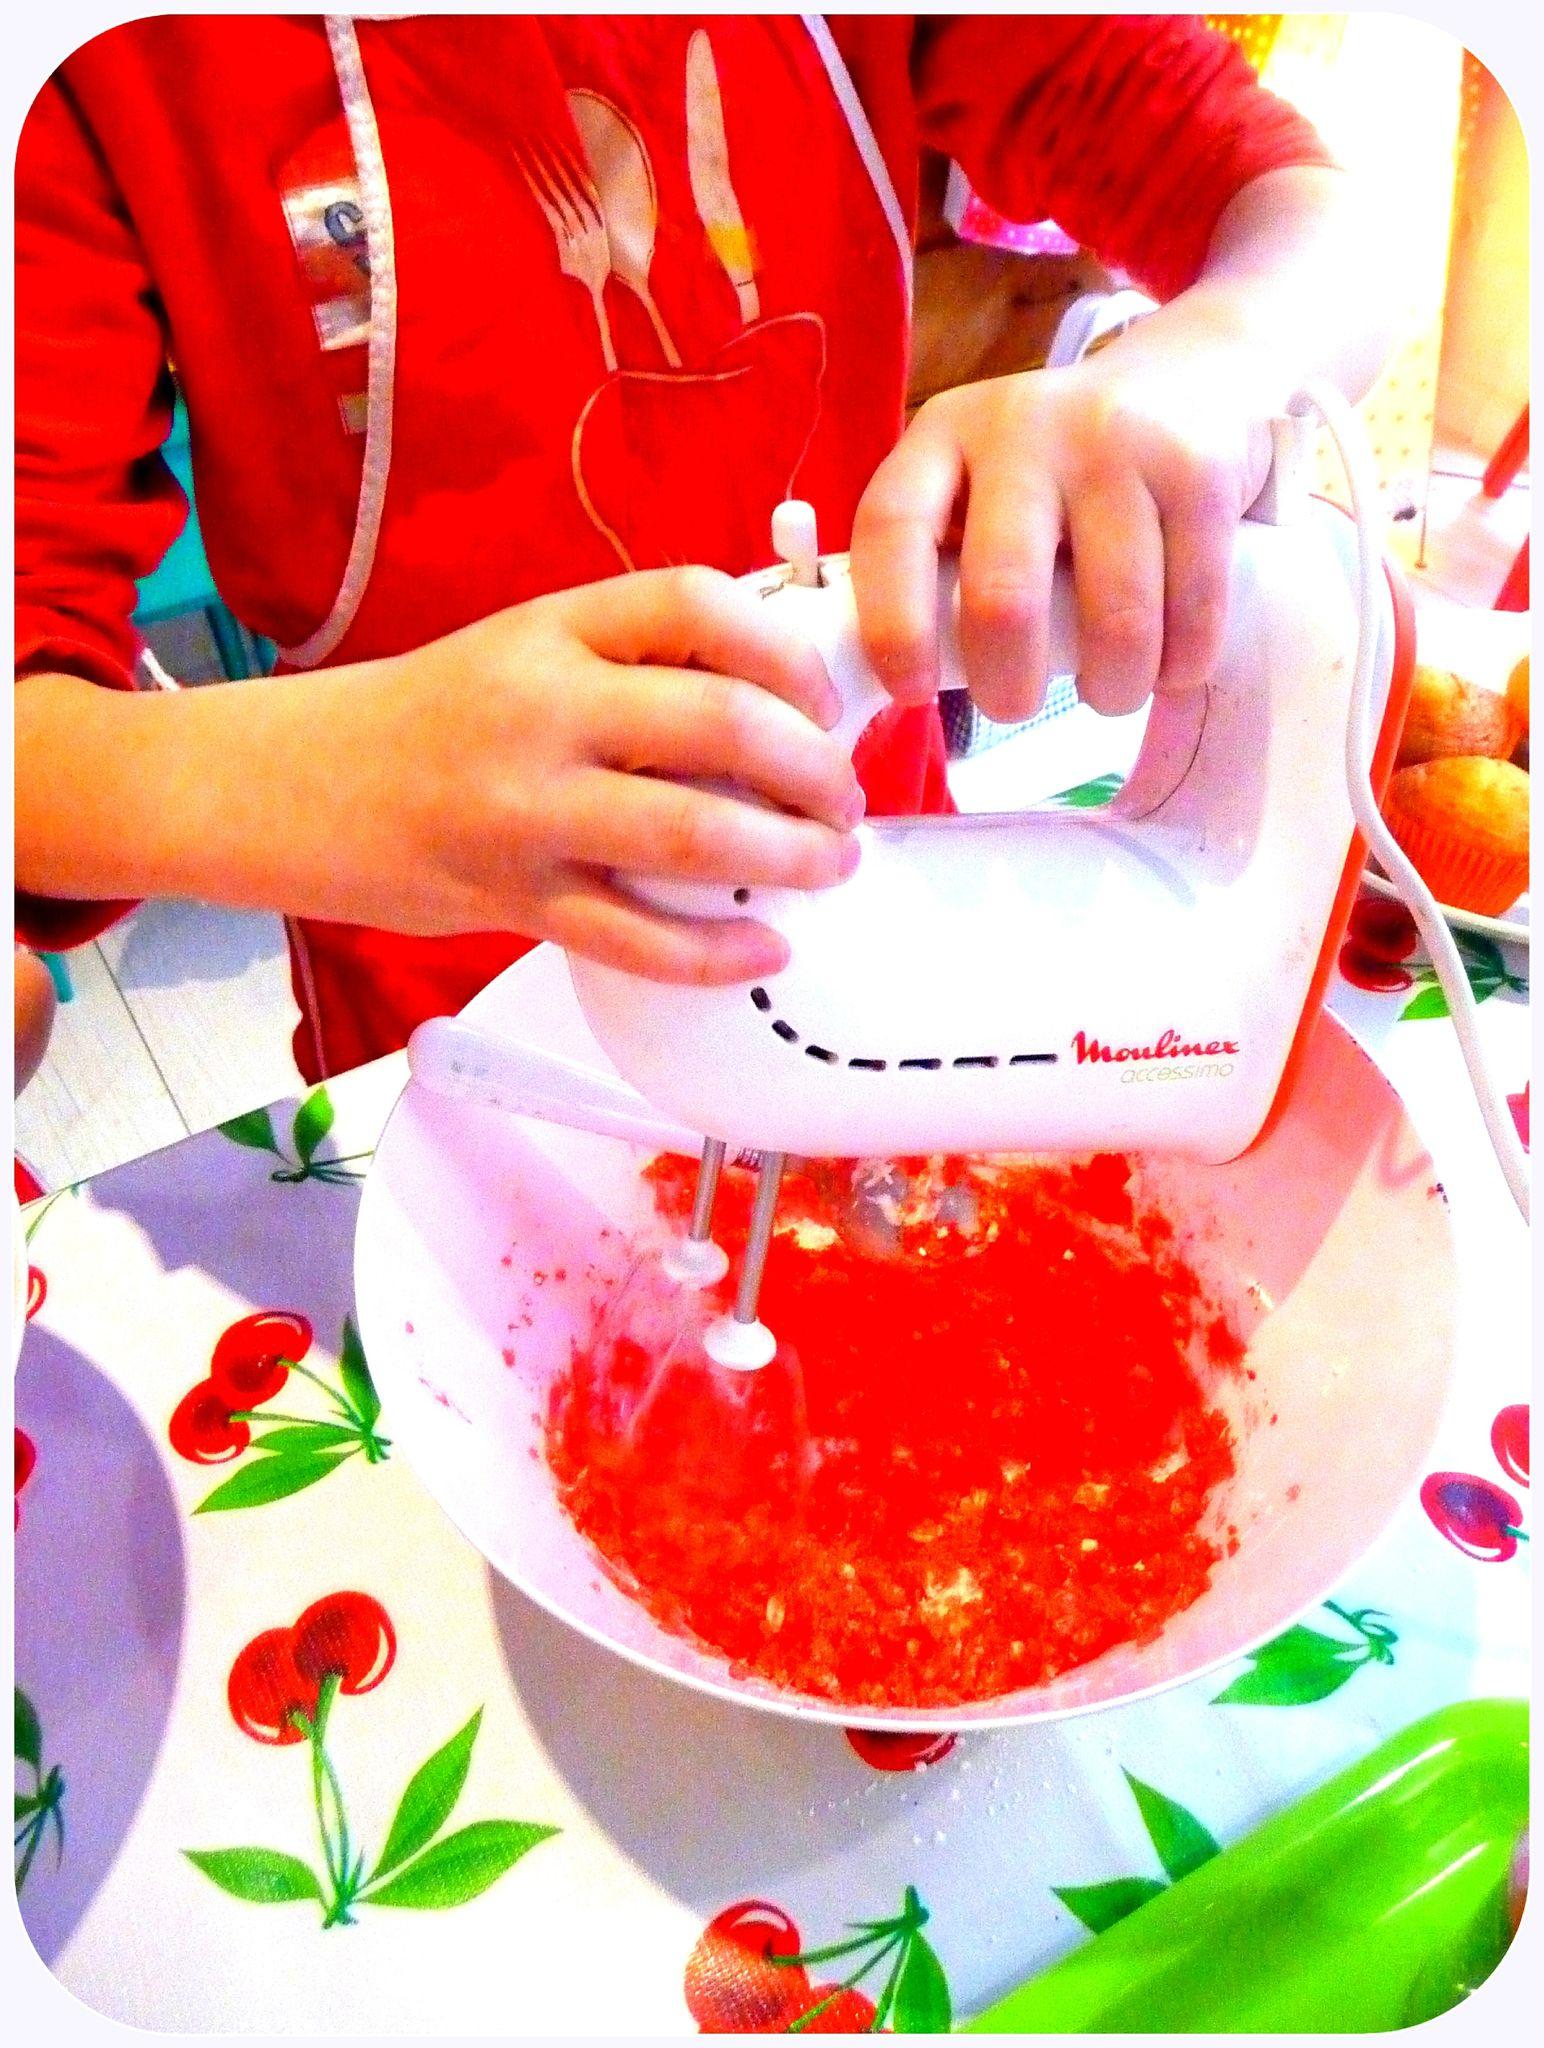 beurre, sucre glace, arôme et colorant alimentaire...